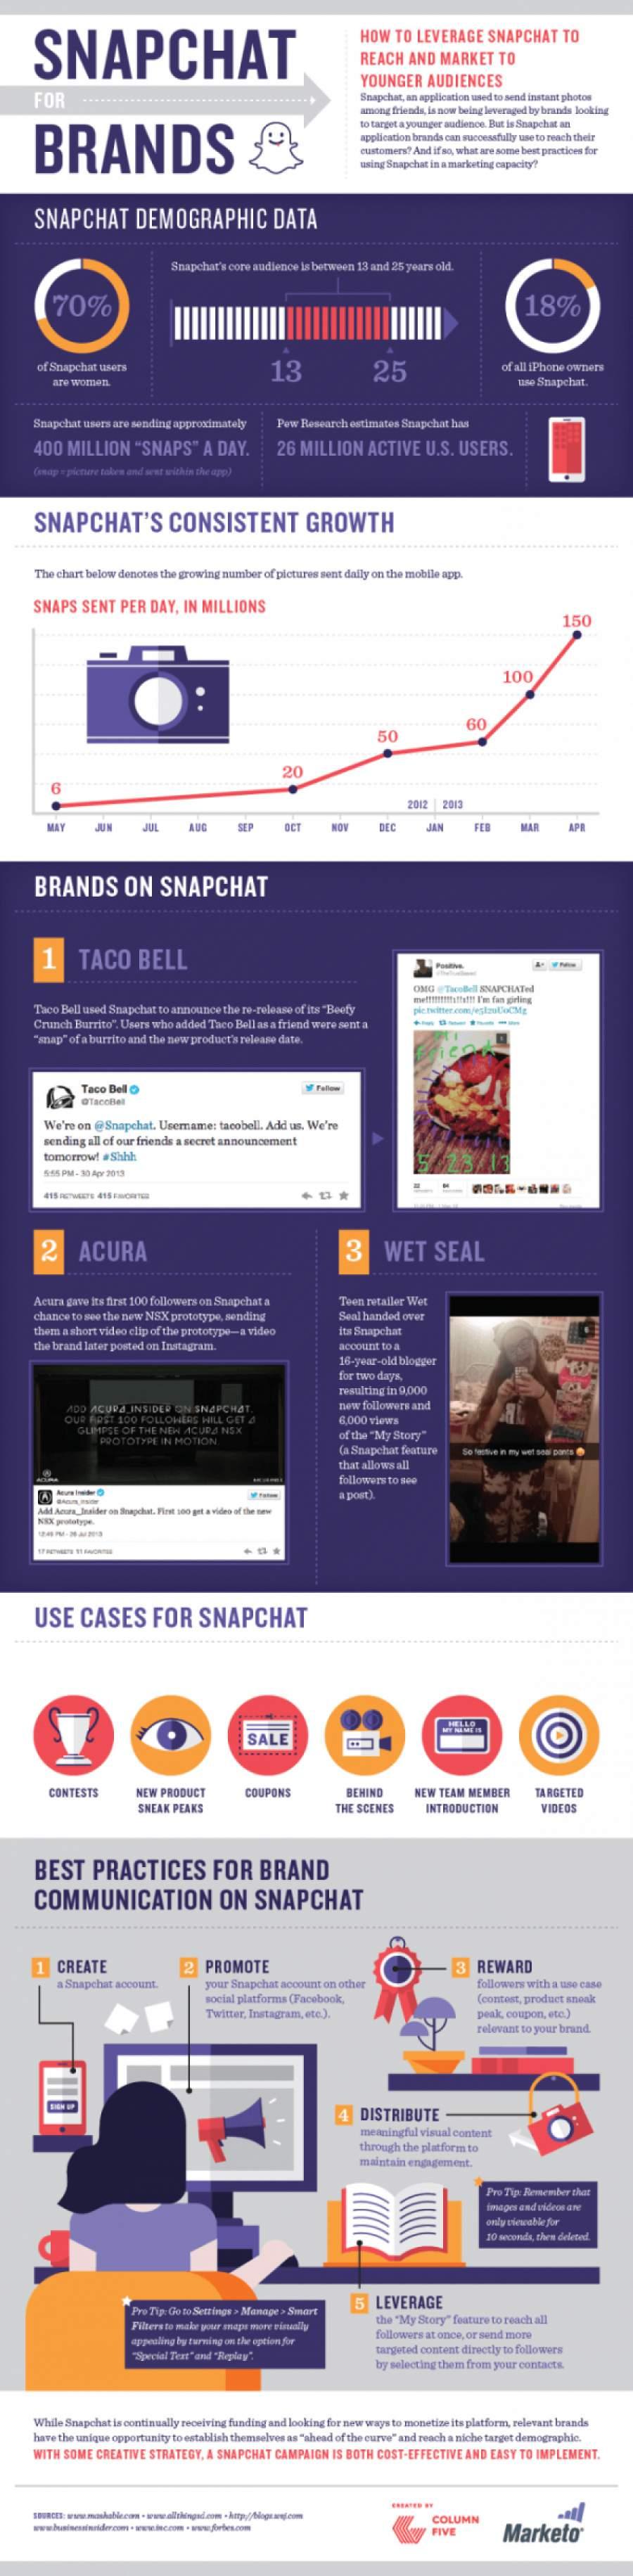 Oben eingefügte Infografik verrät, wie Firmen Snapchat für ihre Werbezwecke nutzen können. (Quelle: marketo.com)